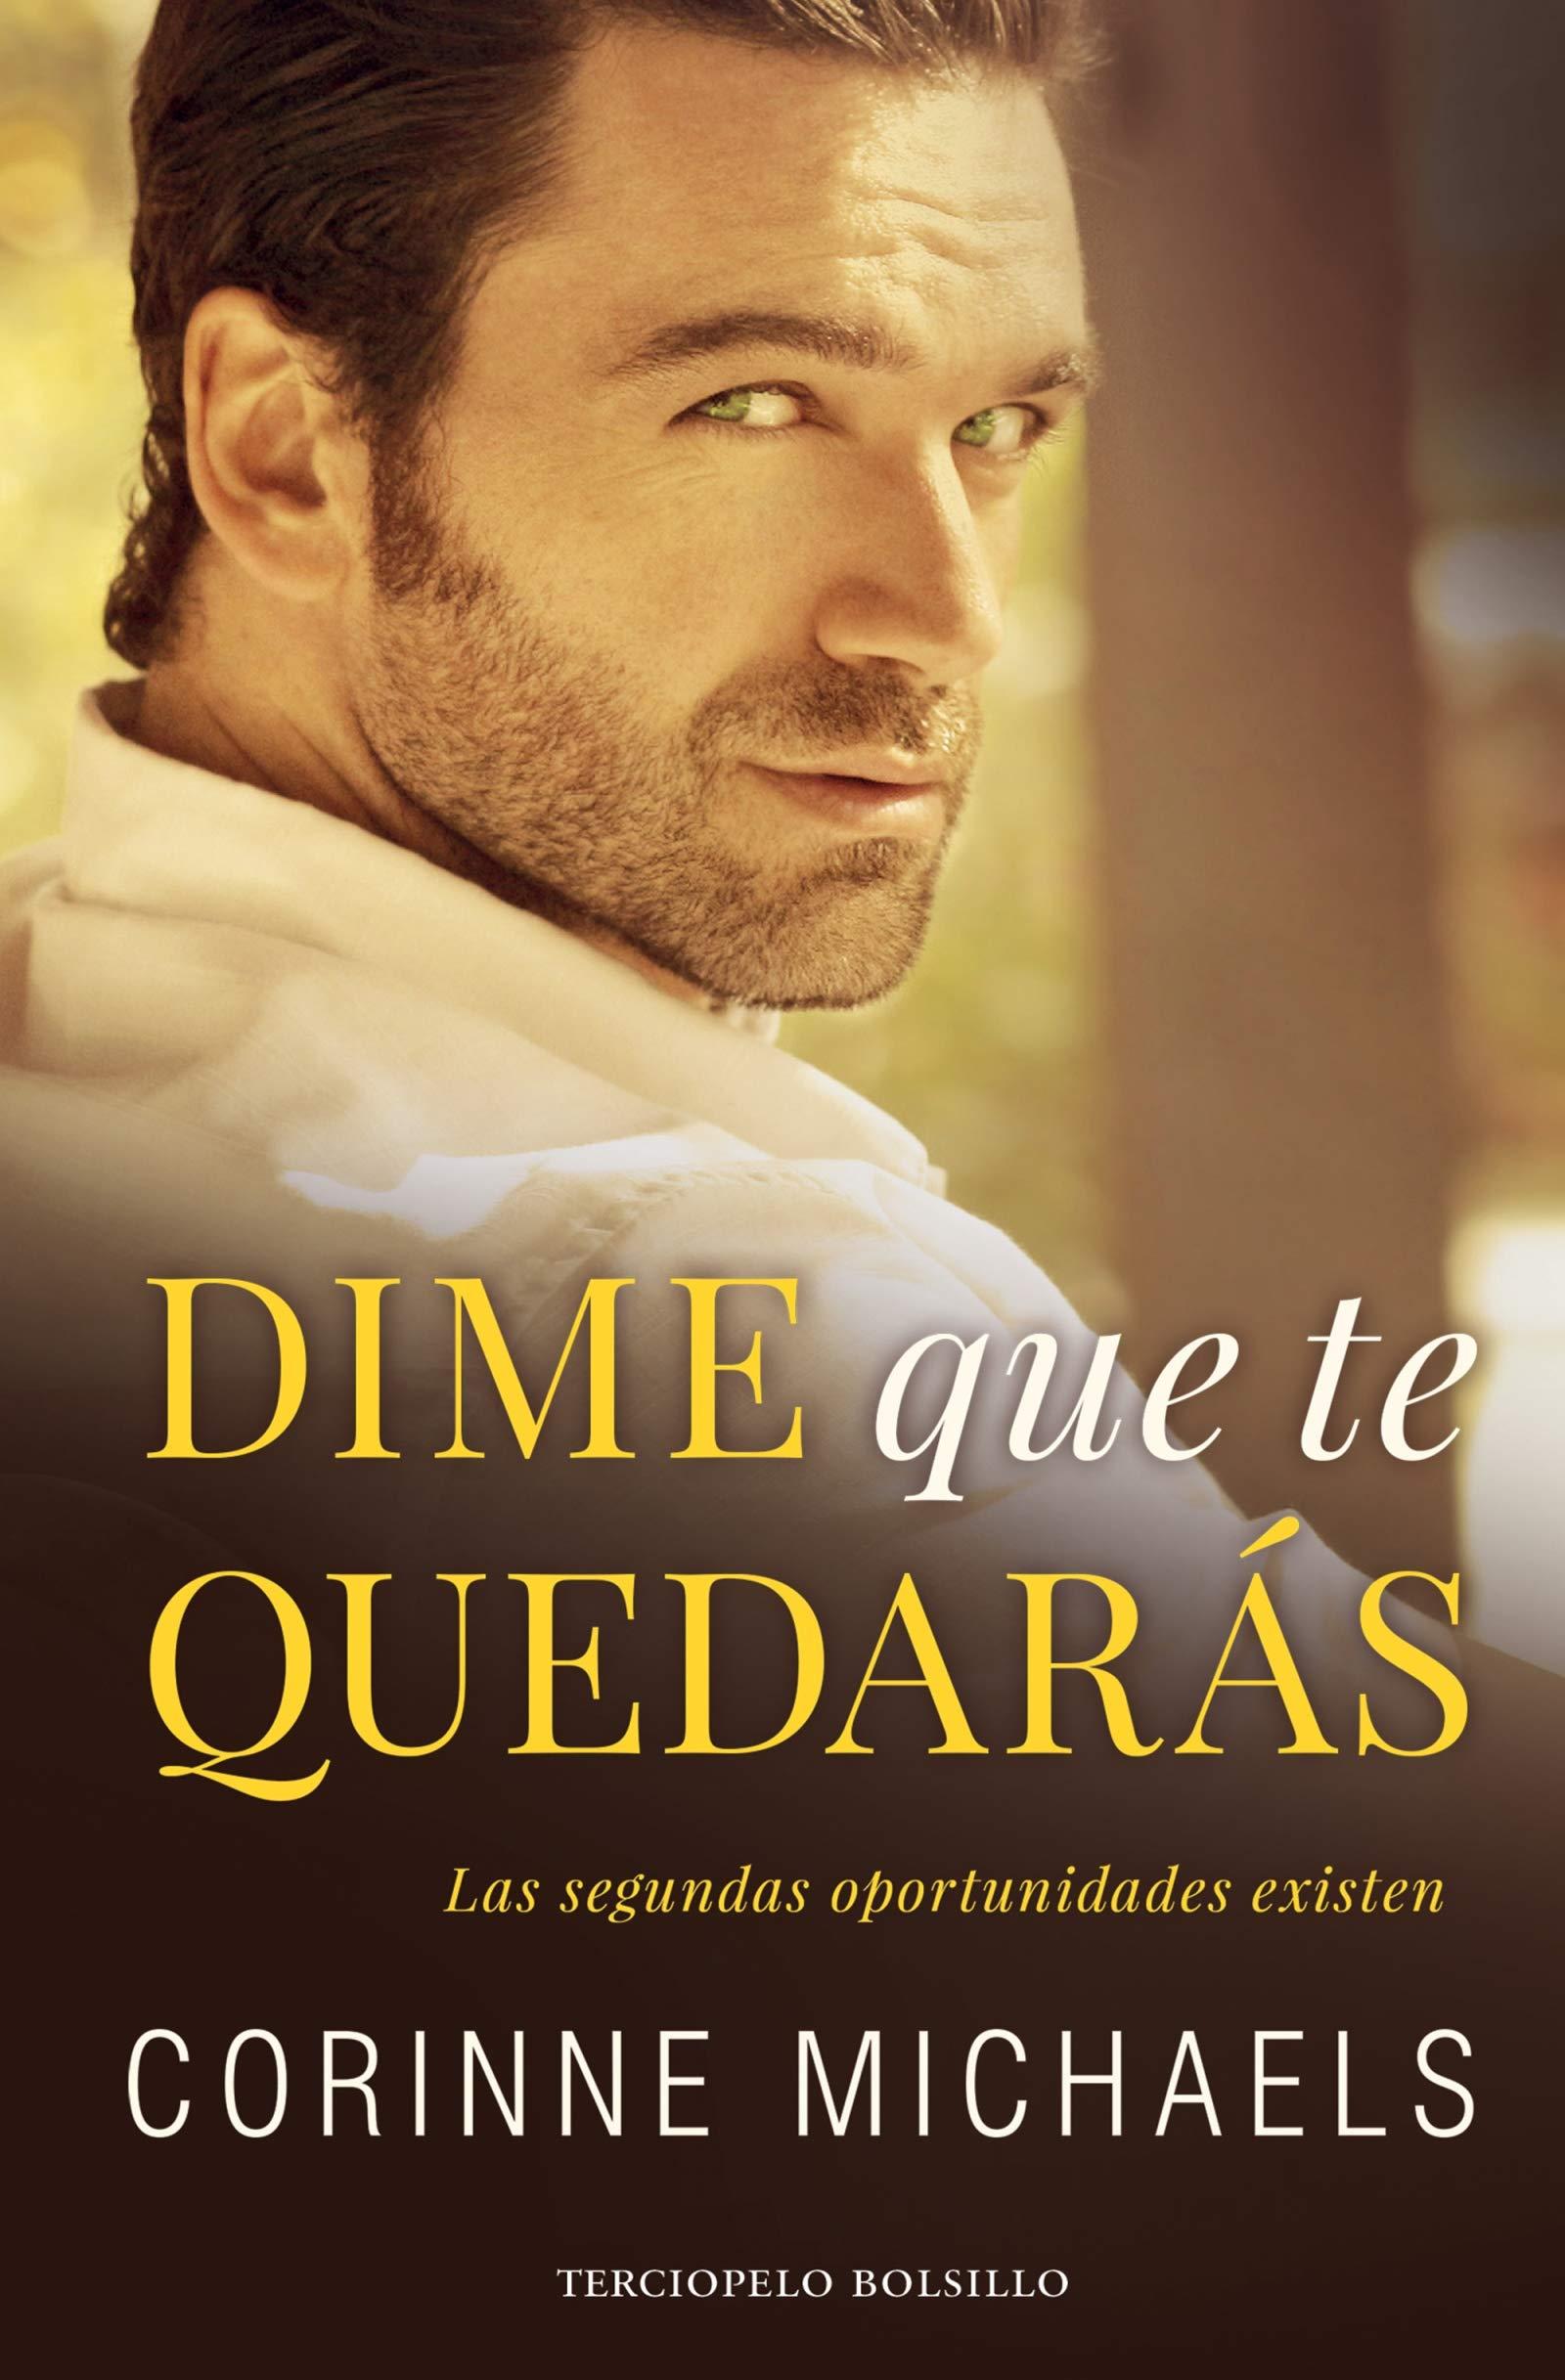 Dime que te quedarás (Terciopelo): Amazon.es: Corinne Michaels, Ana Isabel Domínguez Palomo, María del Mar Rodríguez Barrena: Libros